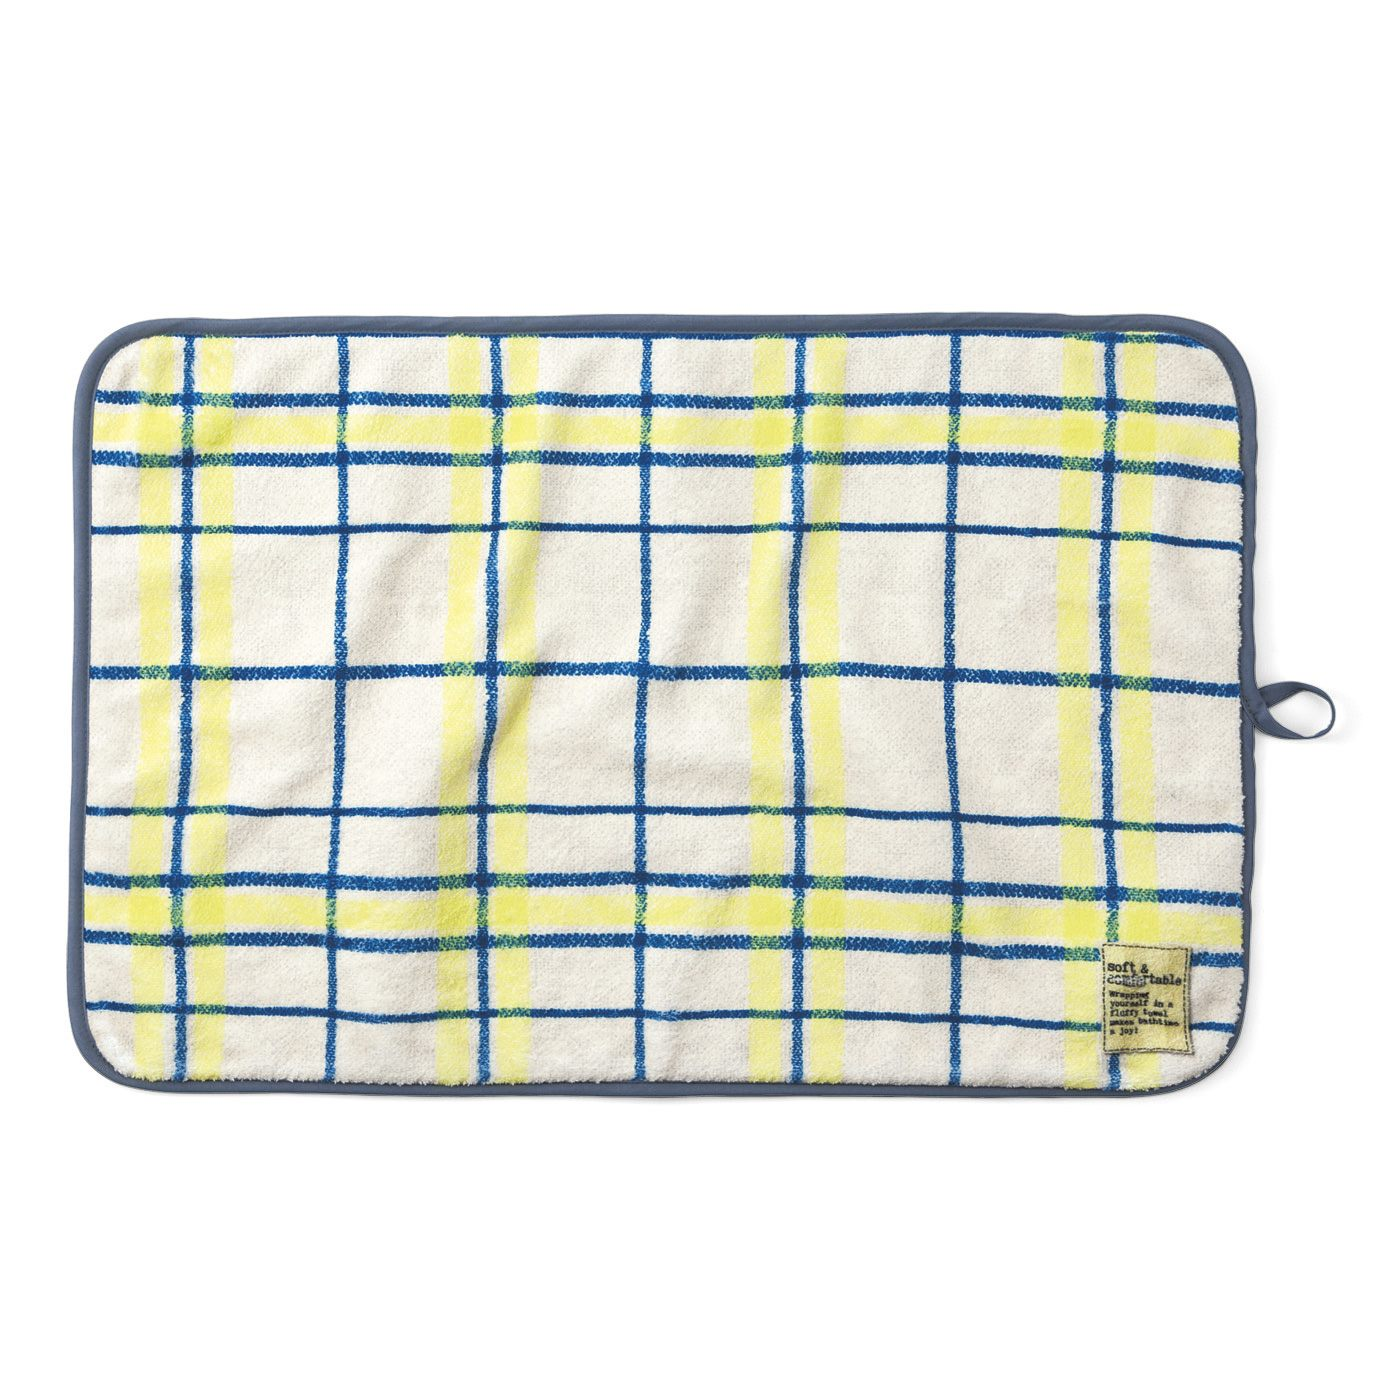 おしゃれ見せデザインで洗面台や脱衣所の雰囲気を明るく。